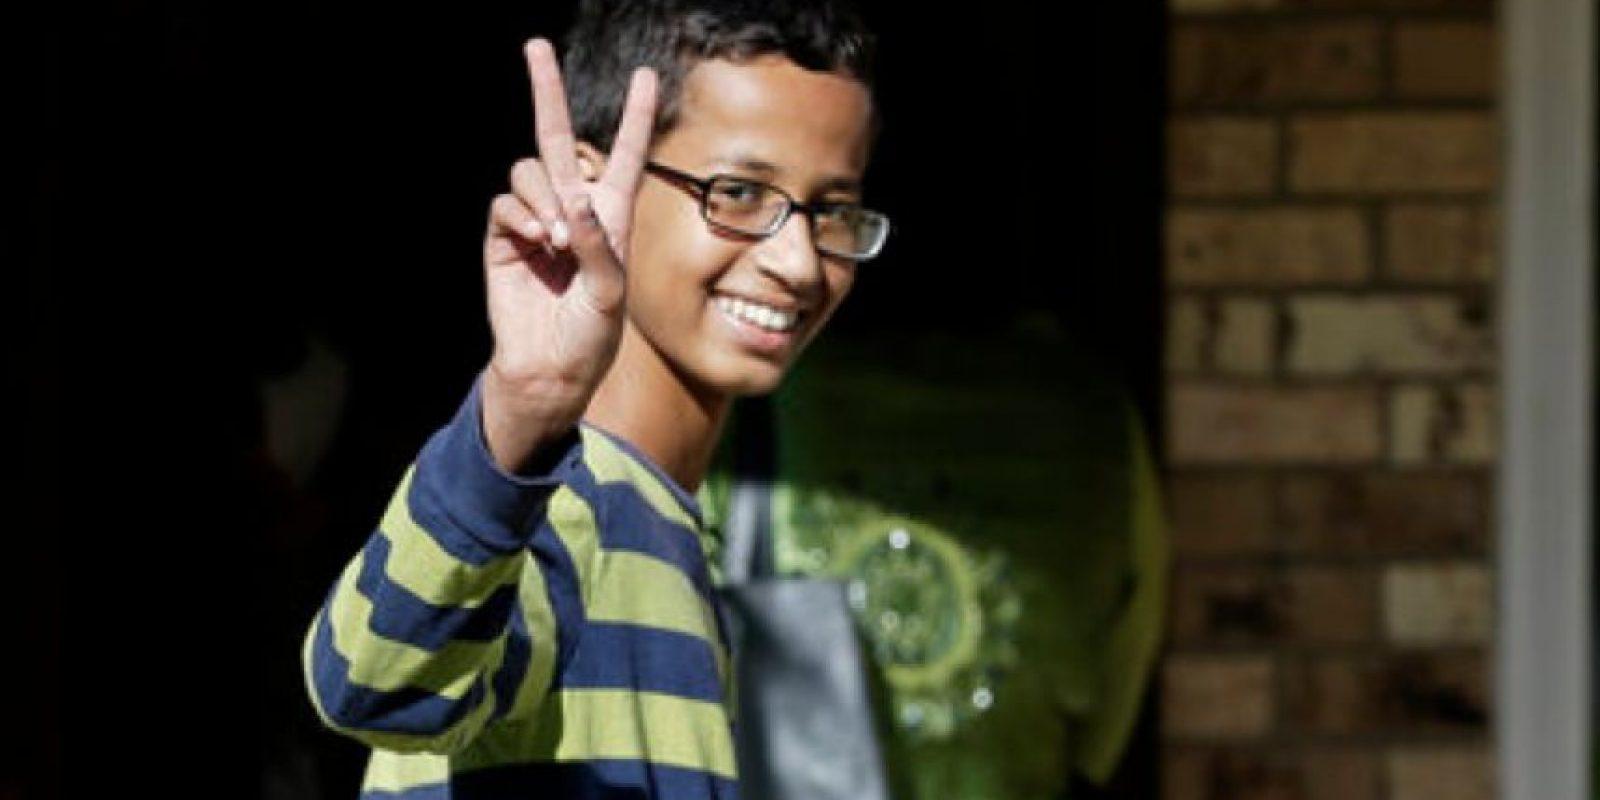 Lo que le pasó a Ahmed dio para que lo apoyaran ampliamente en redes sociales e instituciones. Foto:vía AP